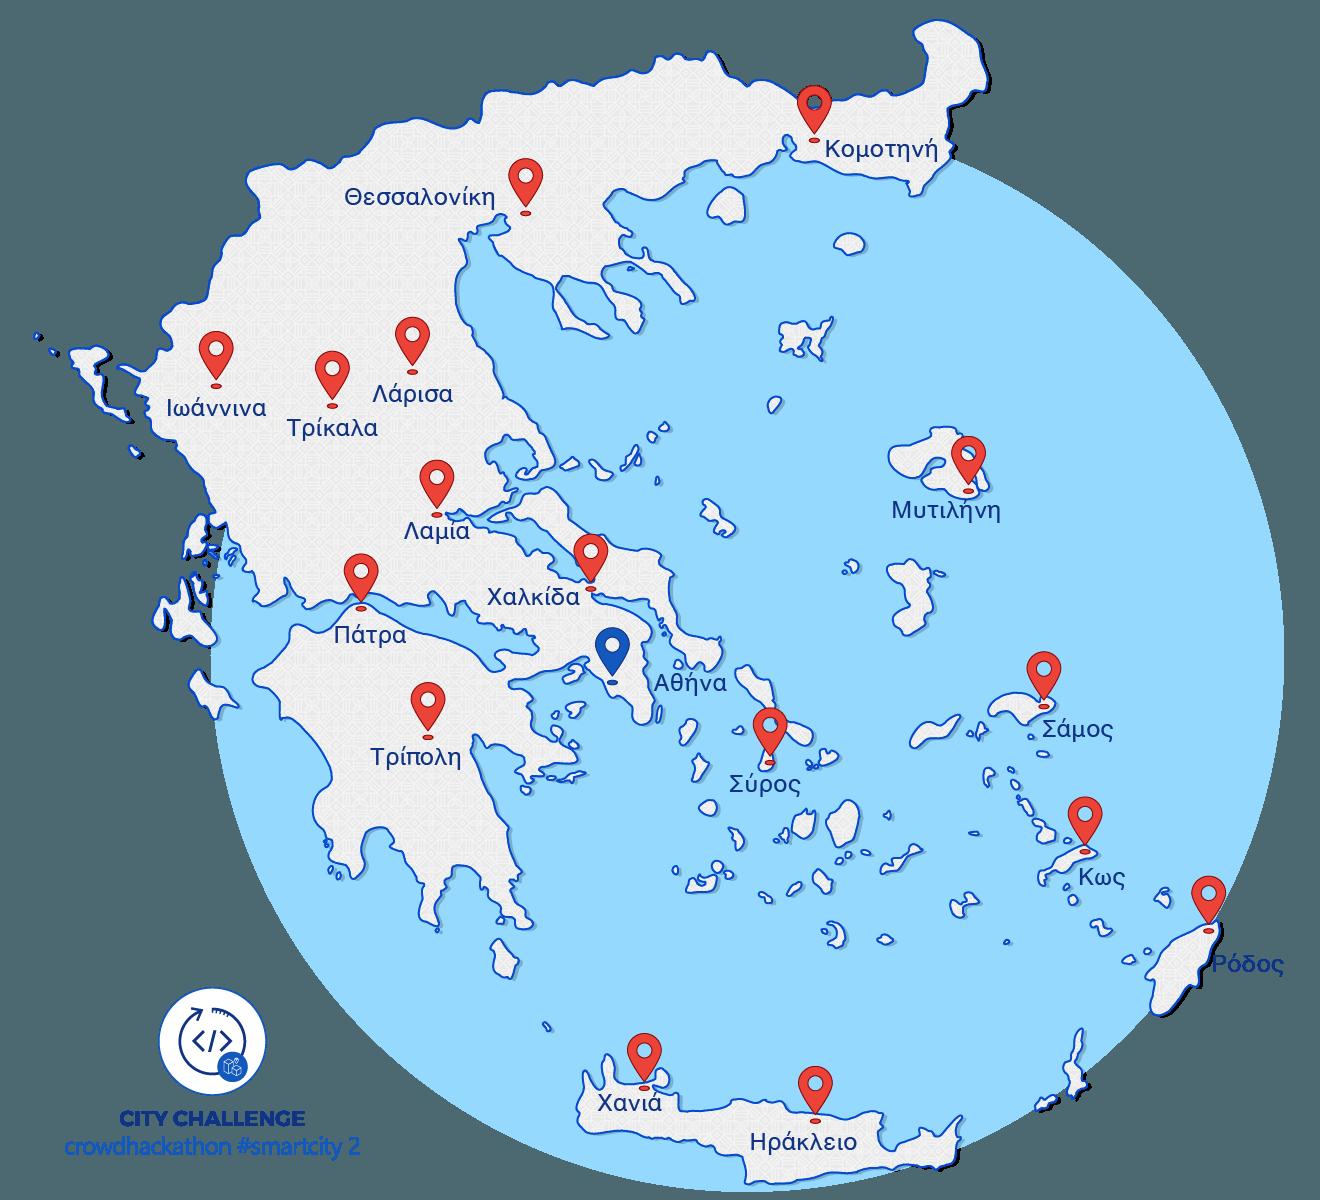 COSMOTE Crowdhachathon KEDE_map